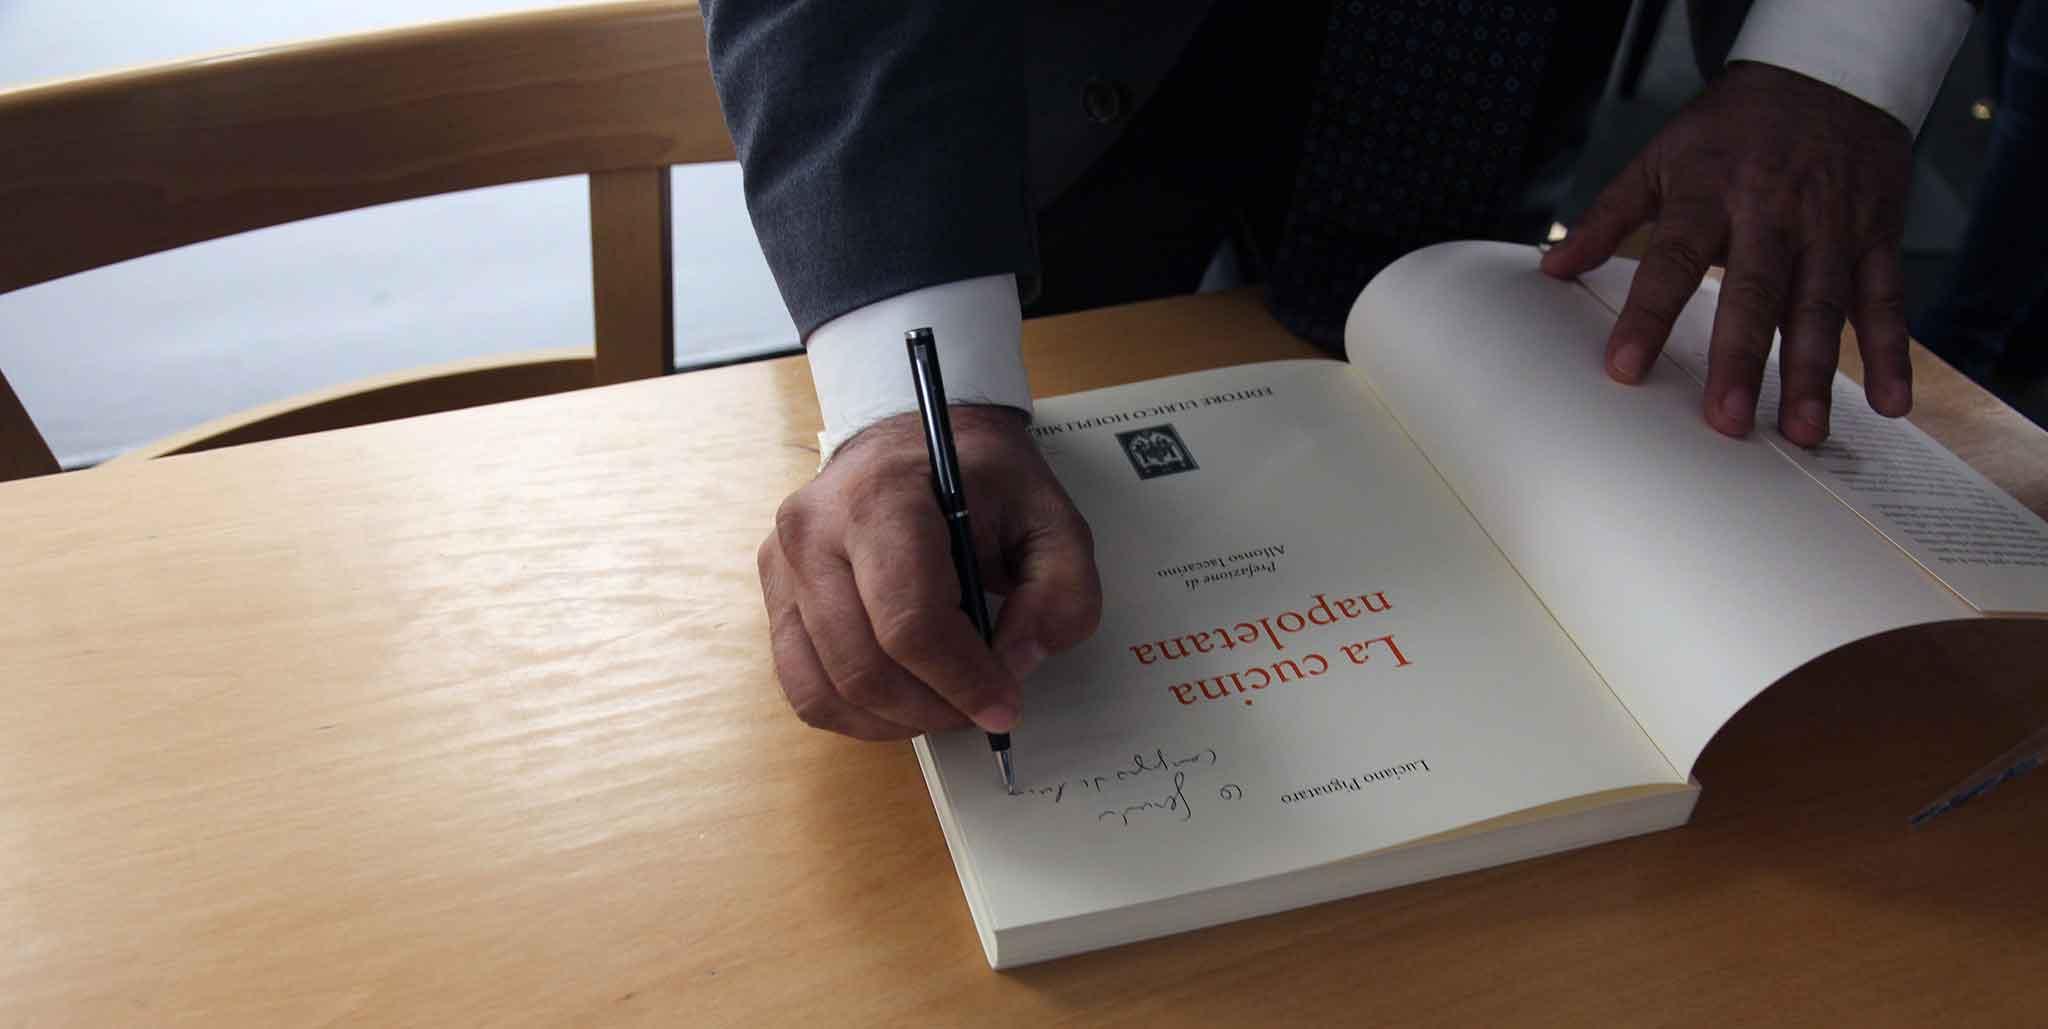 La cucina napoletana il libro di Luciano Pignataro che non  solo pizza